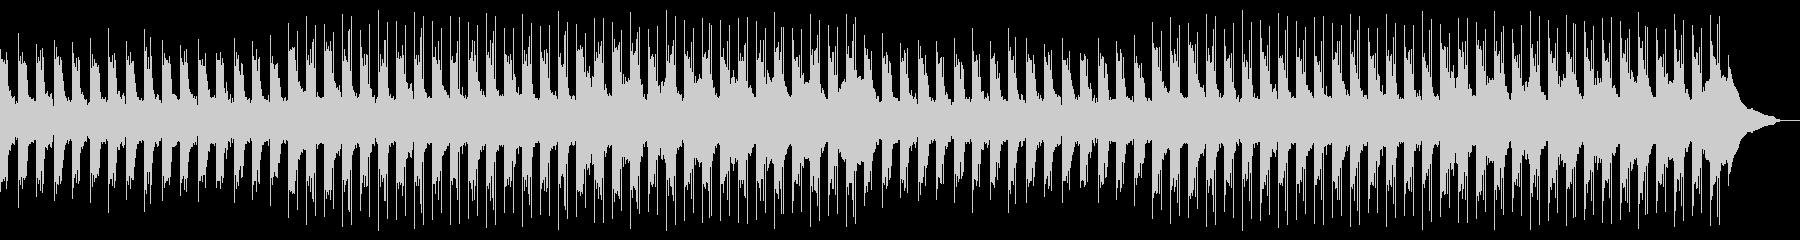 穏やかで幻想的なピアノアンビエント1の未再生の波形